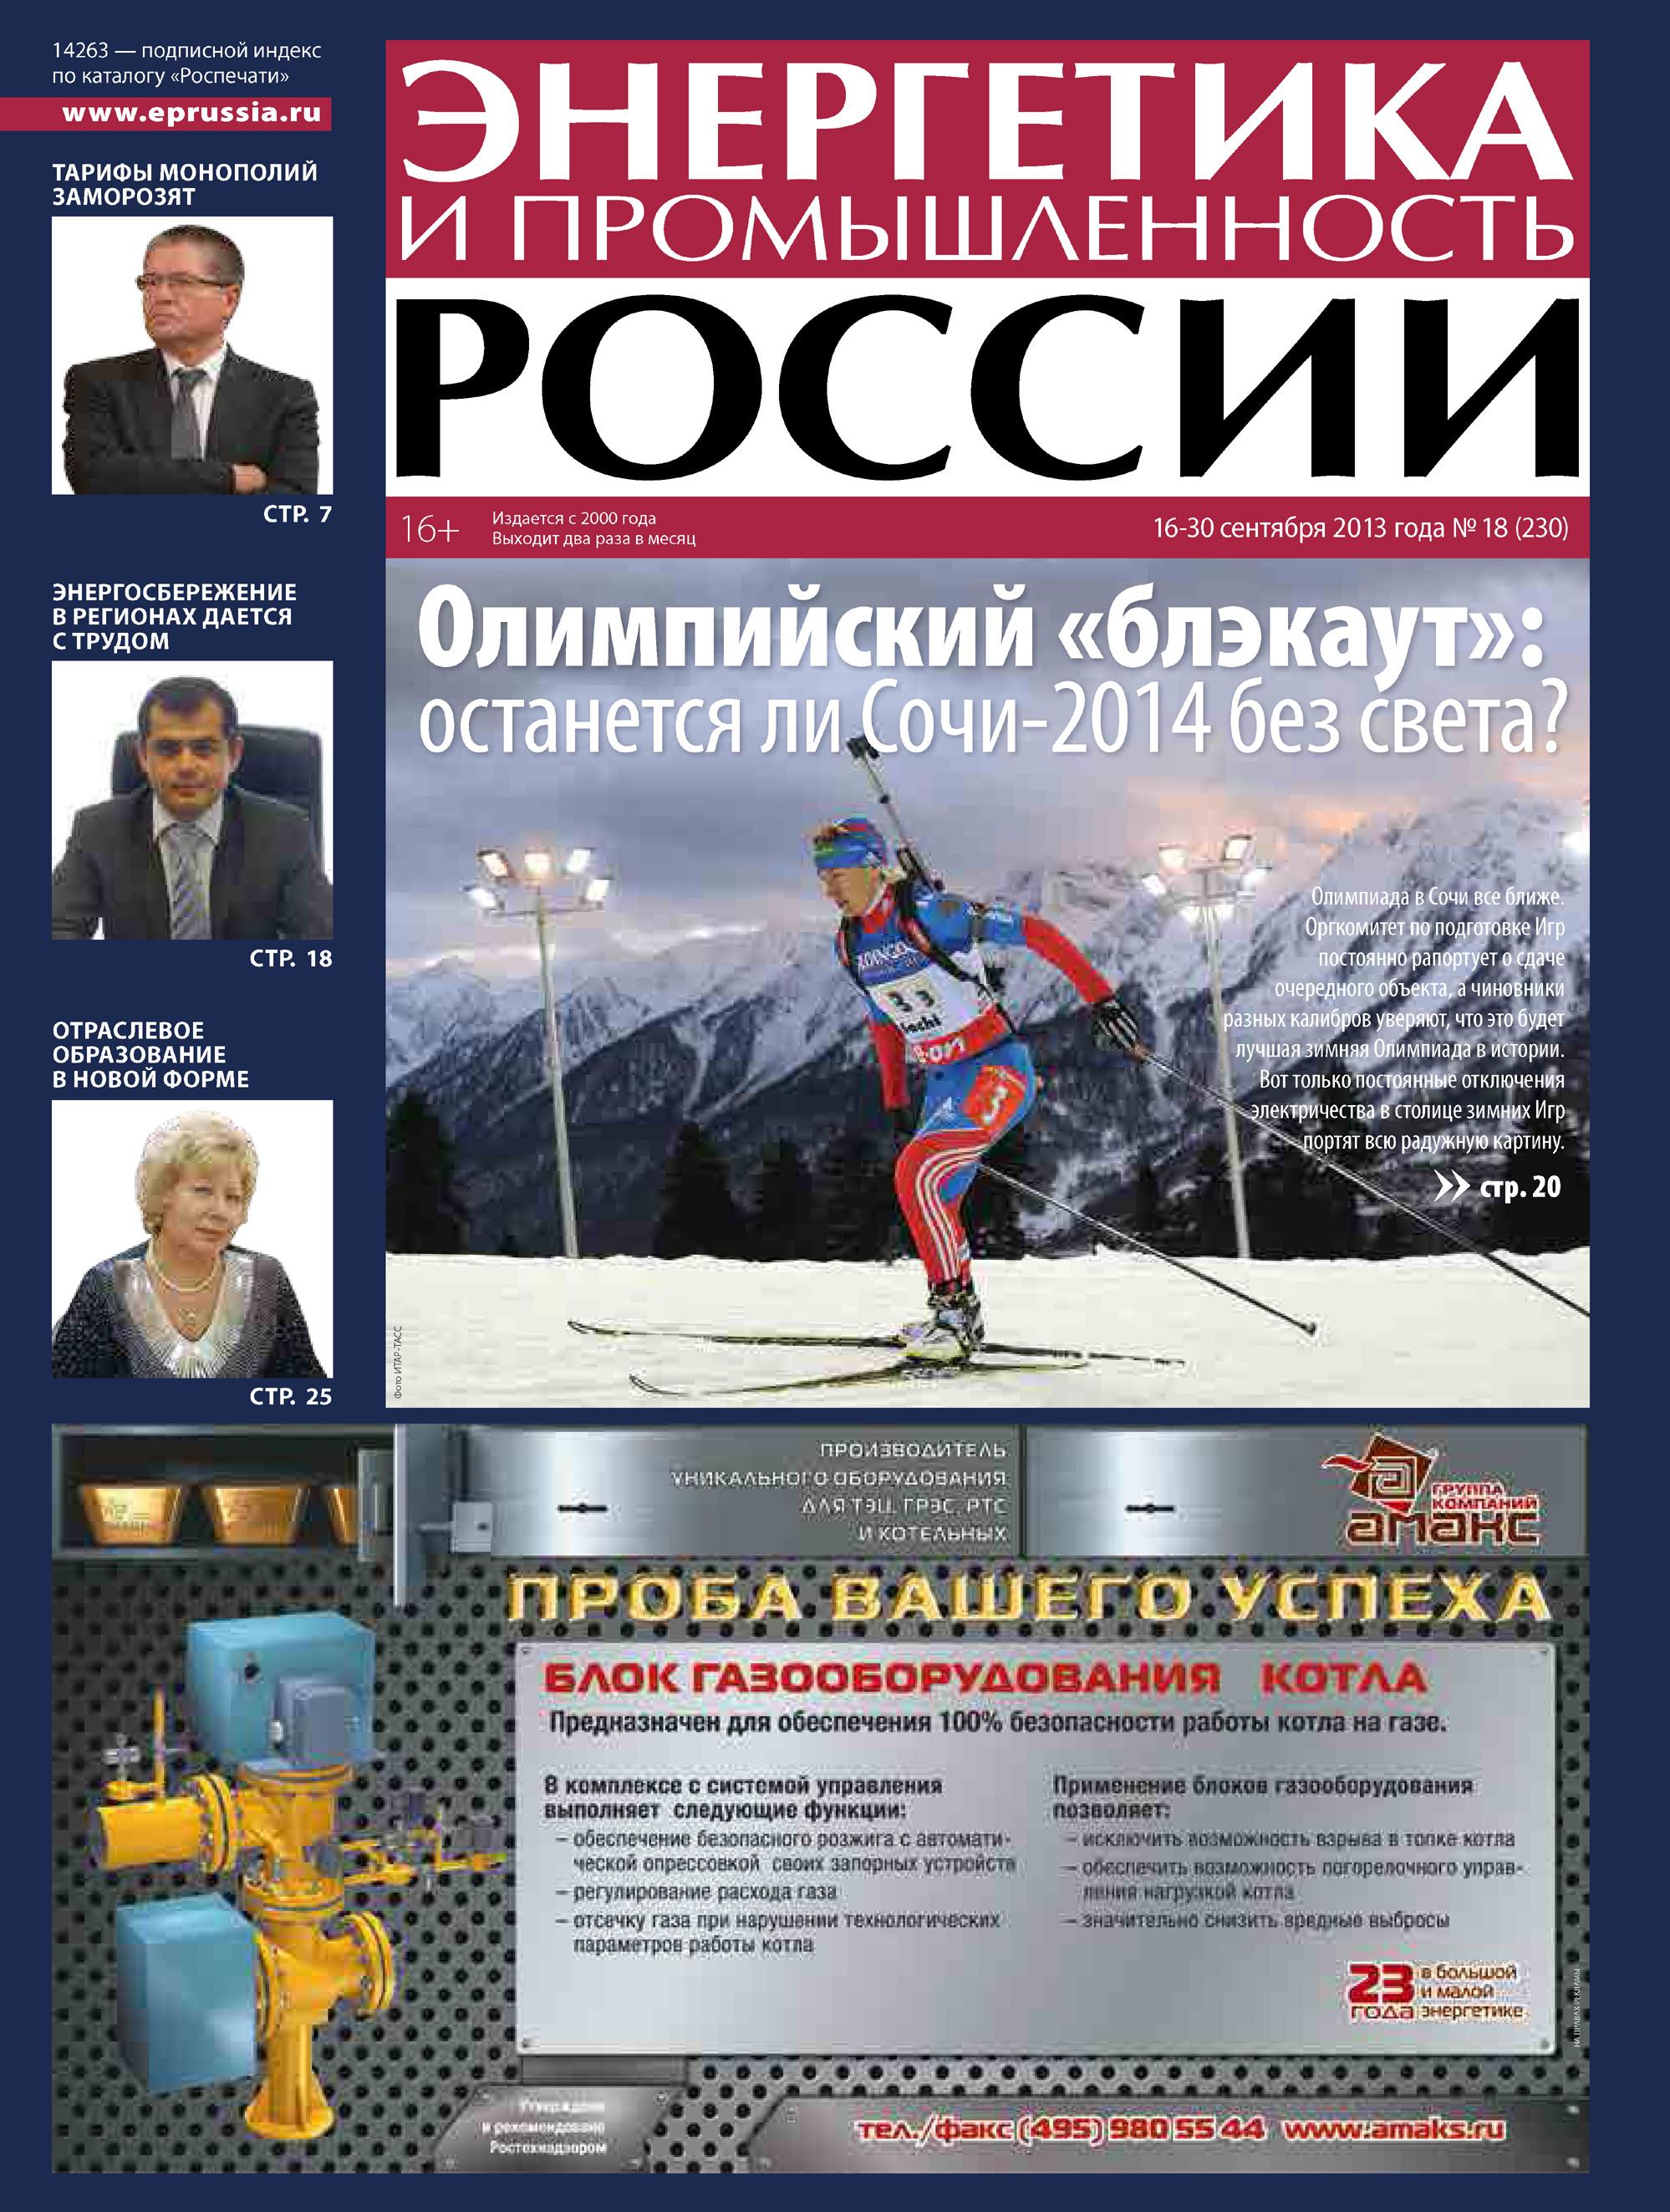 Энергетика и промышленность России №18 2013